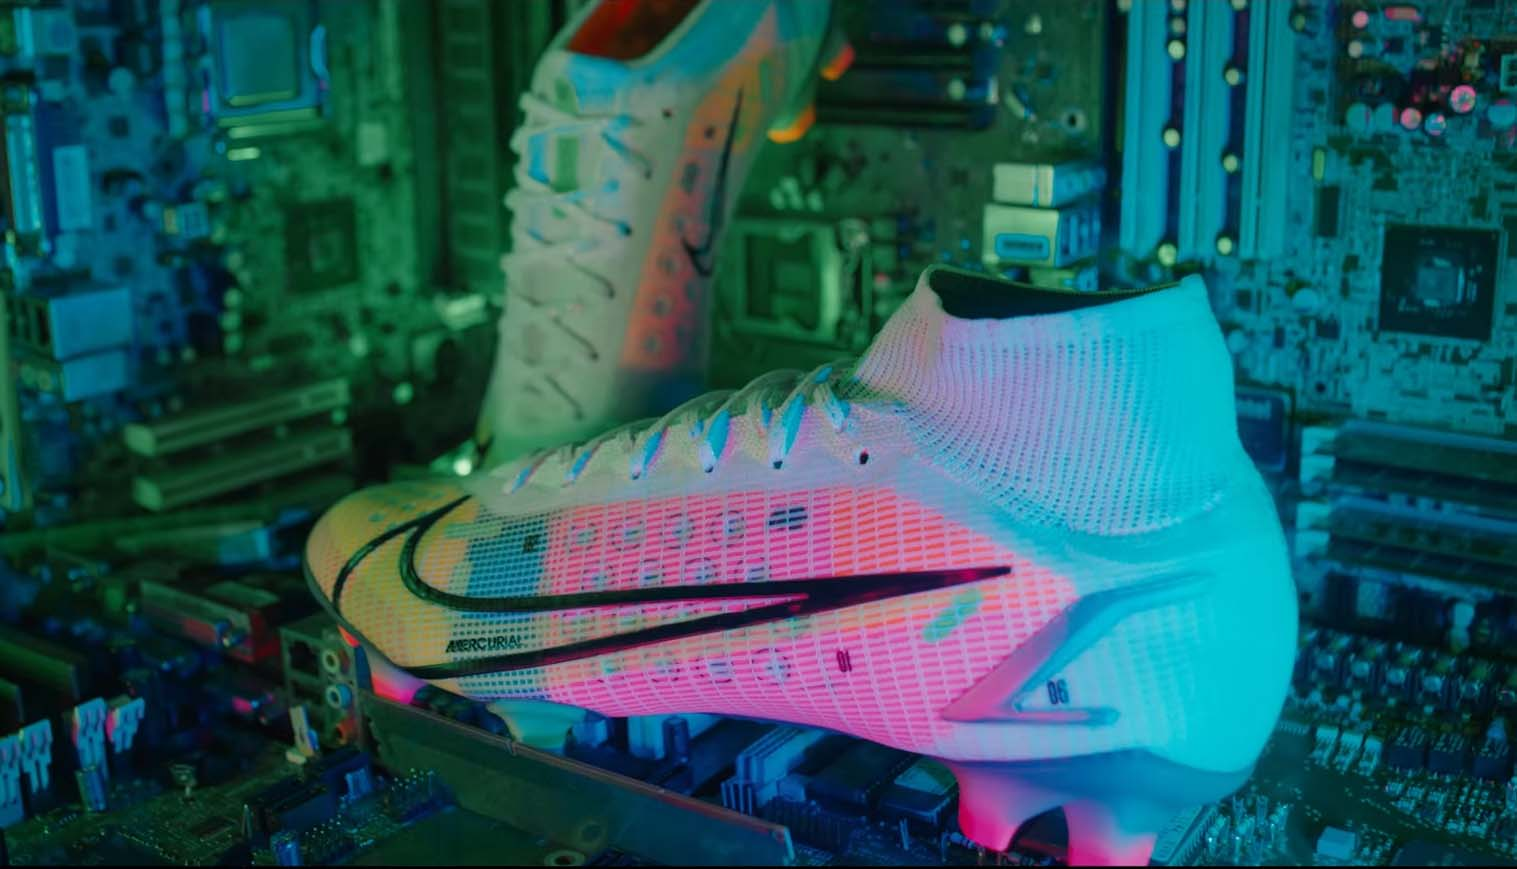 Giày đá bóng Nike Mercurial Superfly 8 và Vapor 14 được nâng cấp thay đổi nhiều về công nghệ, chất liệu